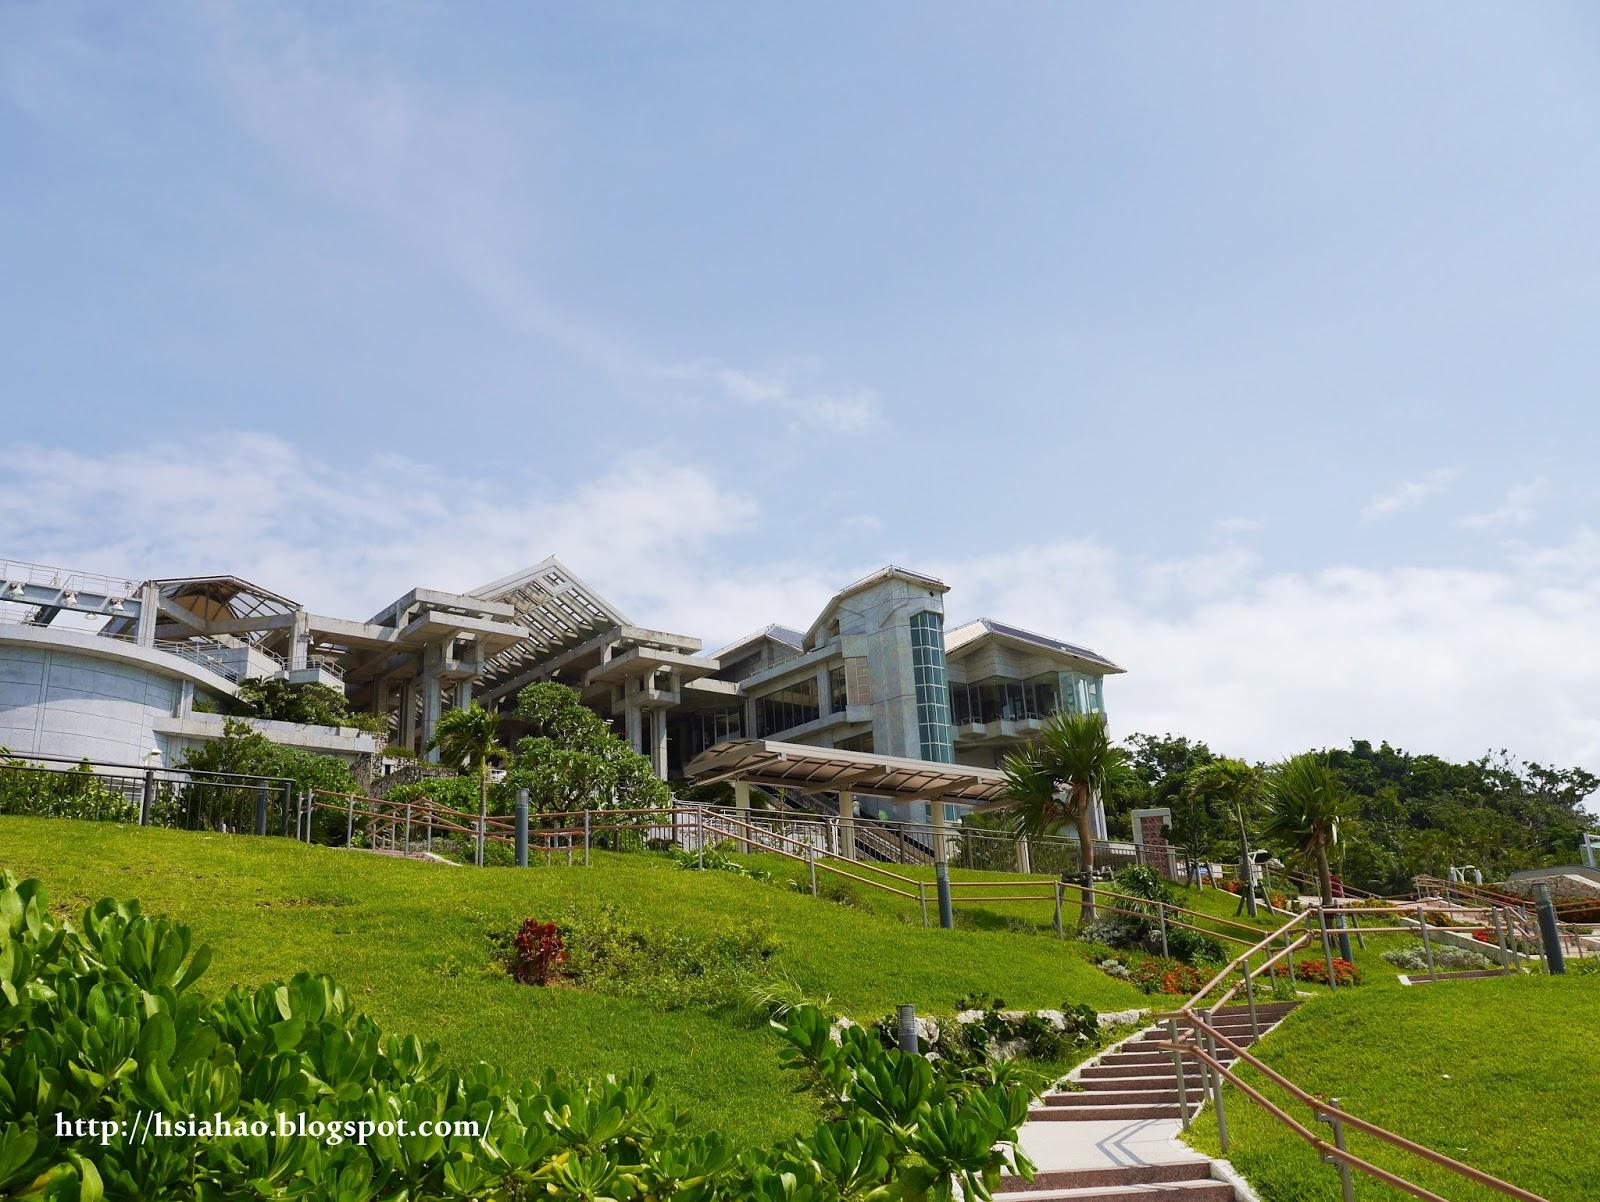 沖繩-海洋博公園-美麗海水族館景點-自由行-旅遊-旅行-okinawa-ocean-expo-park-Churaumi